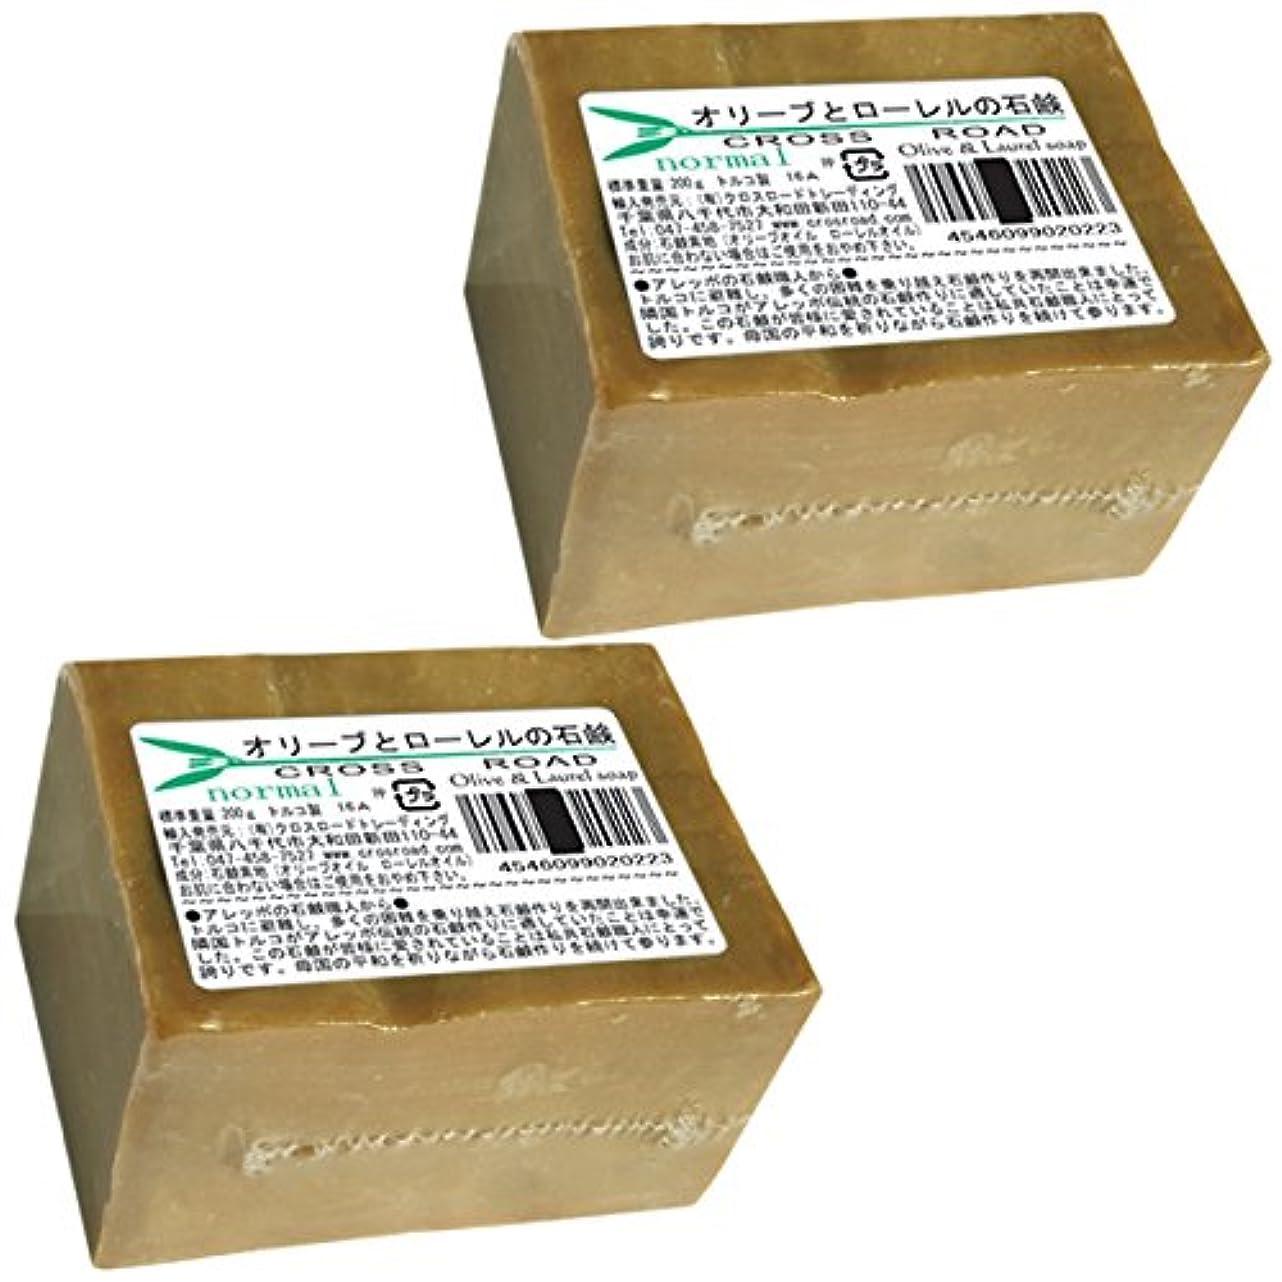 バック強風スクワイアオリーブとローレルの石鹸(ノーマル)2個セット [並行輸入品]